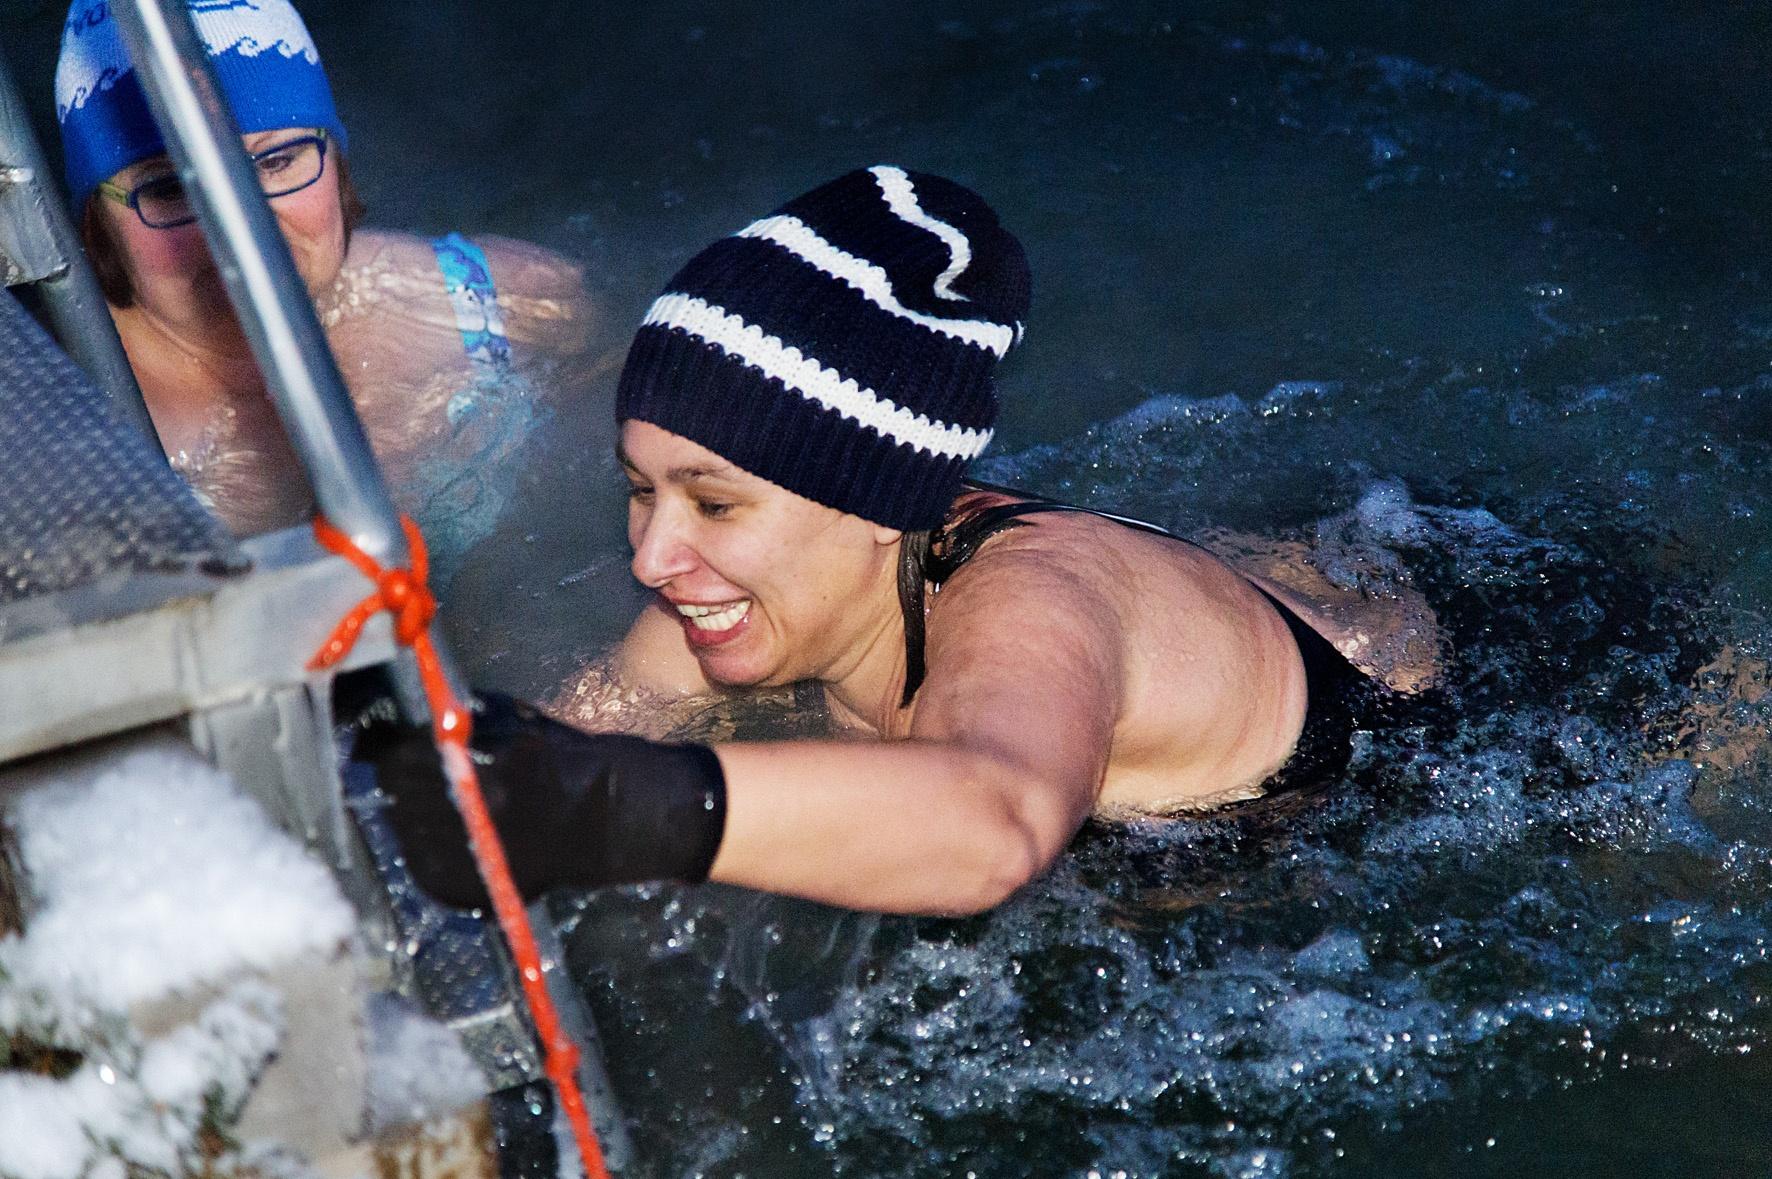 Le jour où j'ai testé l'ice swimming en Finlande